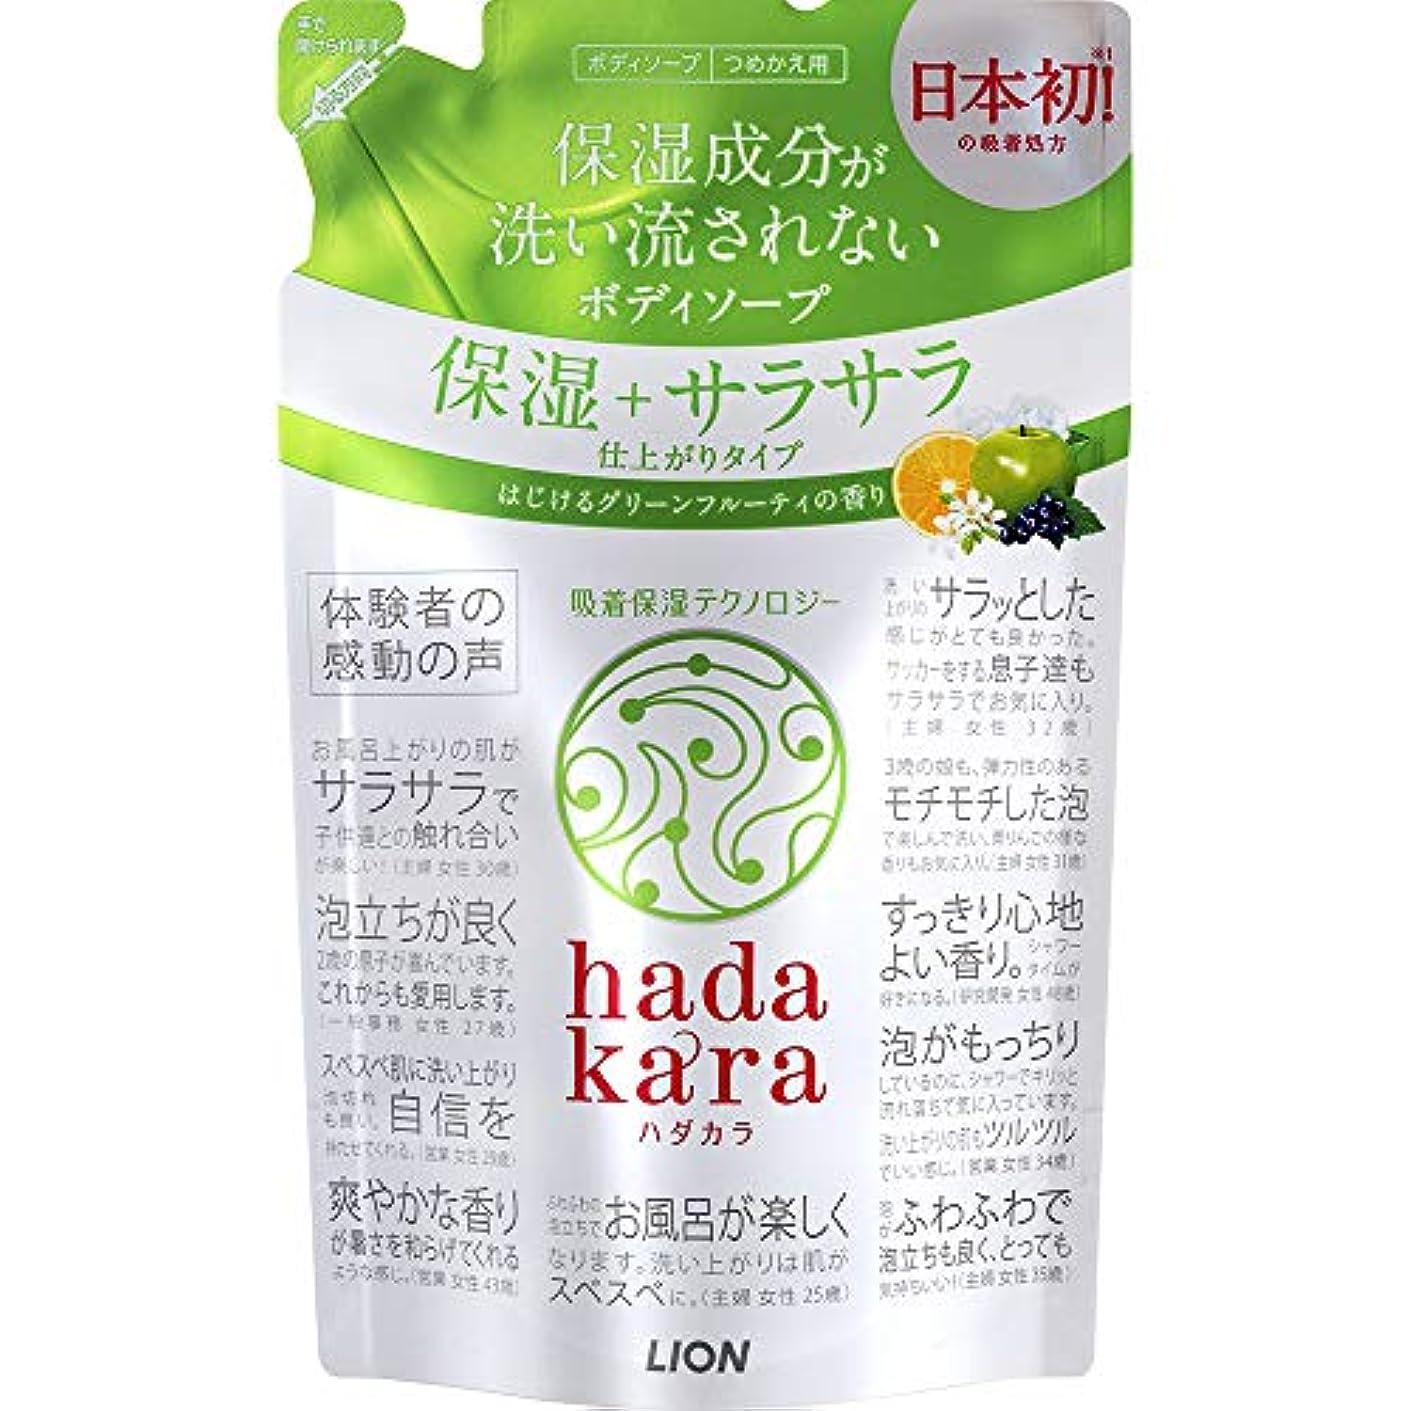 ボンド小麦建築hadakara(ハダカラ) ボディソープ 保湿+サラサラ仕上がりタイプ グリーンフルーティの香り 詰め替え 340ml